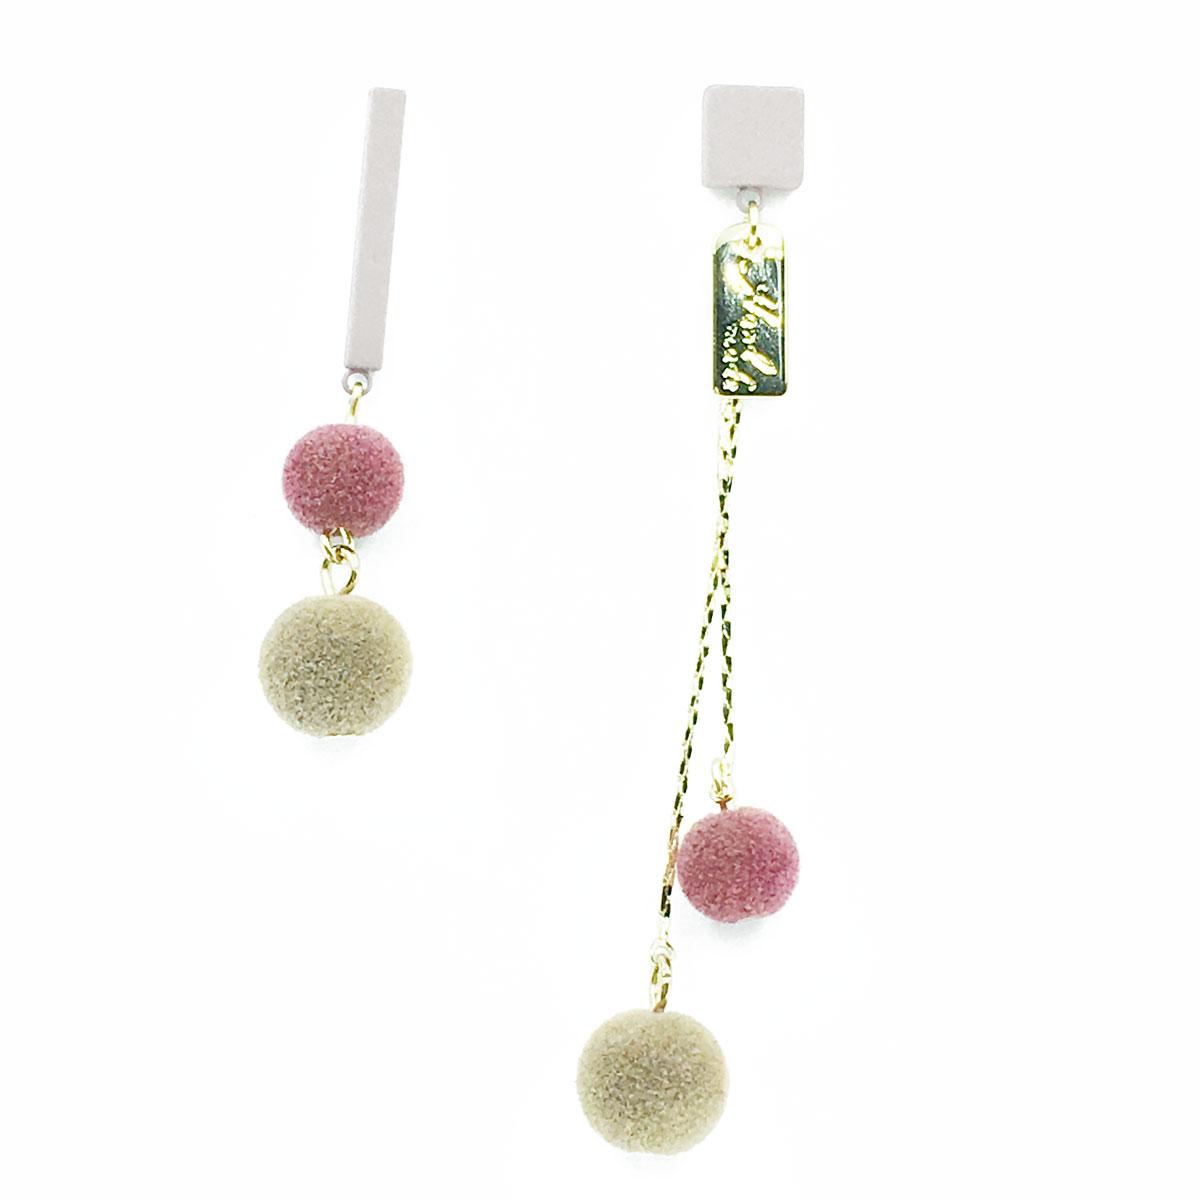 韓國 925純銀 英文 霧面 絨毛球 不對稱 純墜感 耳針式 耳環